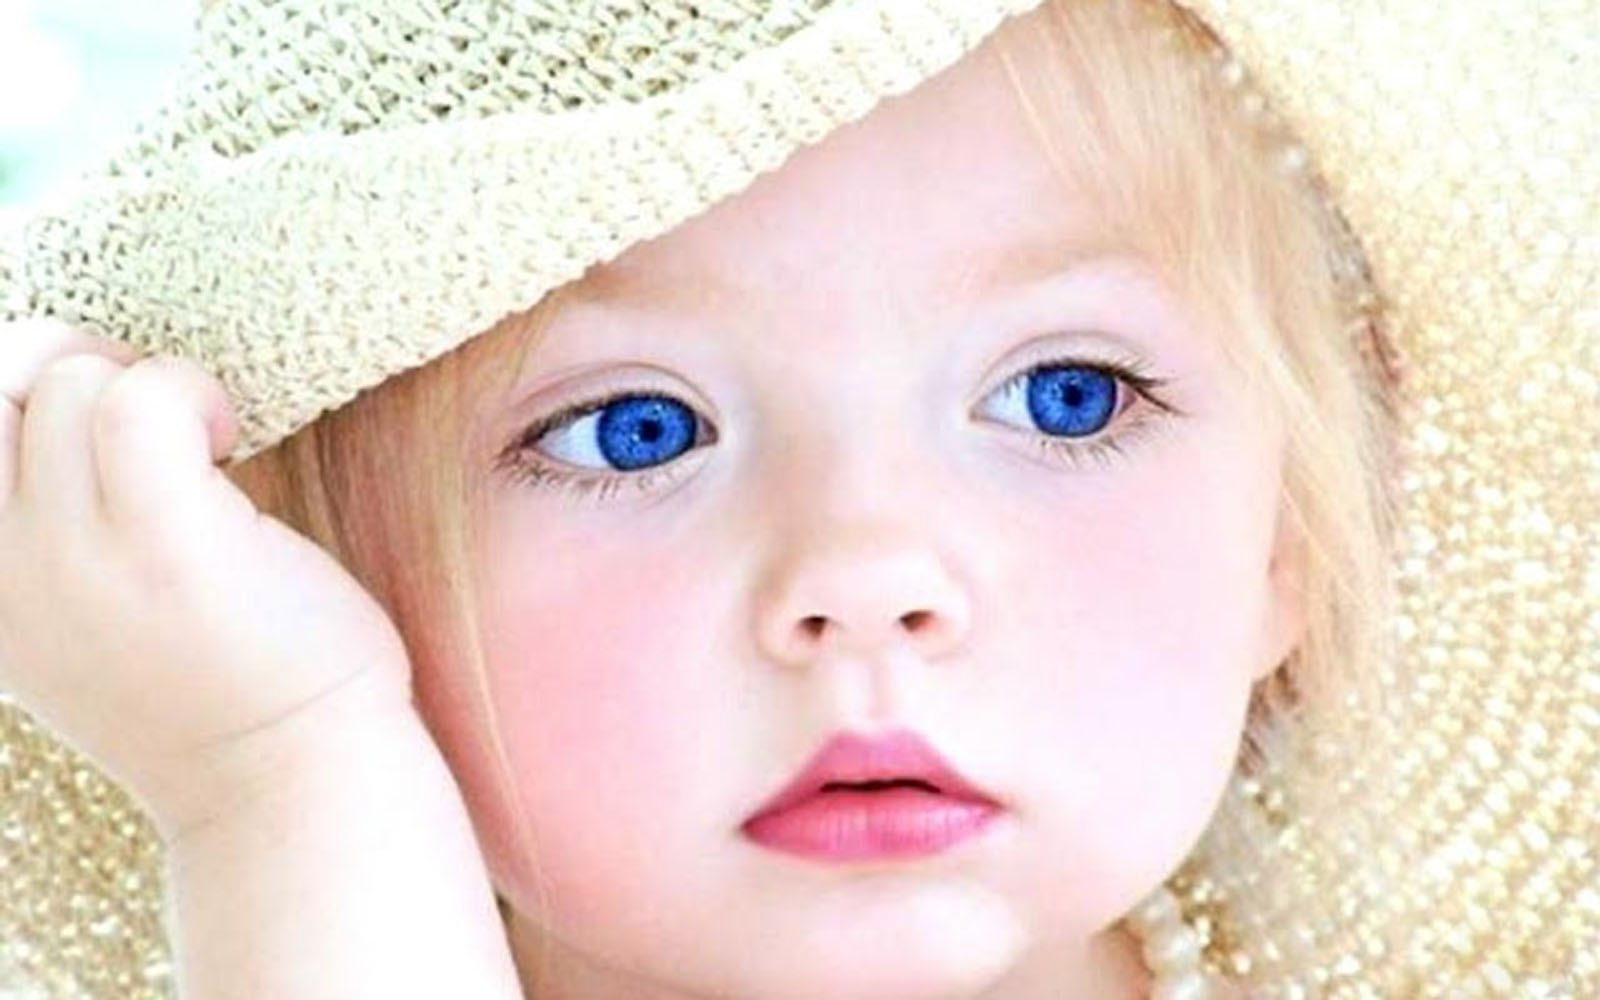 صورة بنات حلوات جميلات , اجمل صور الاطفال الجميلة 2890 4